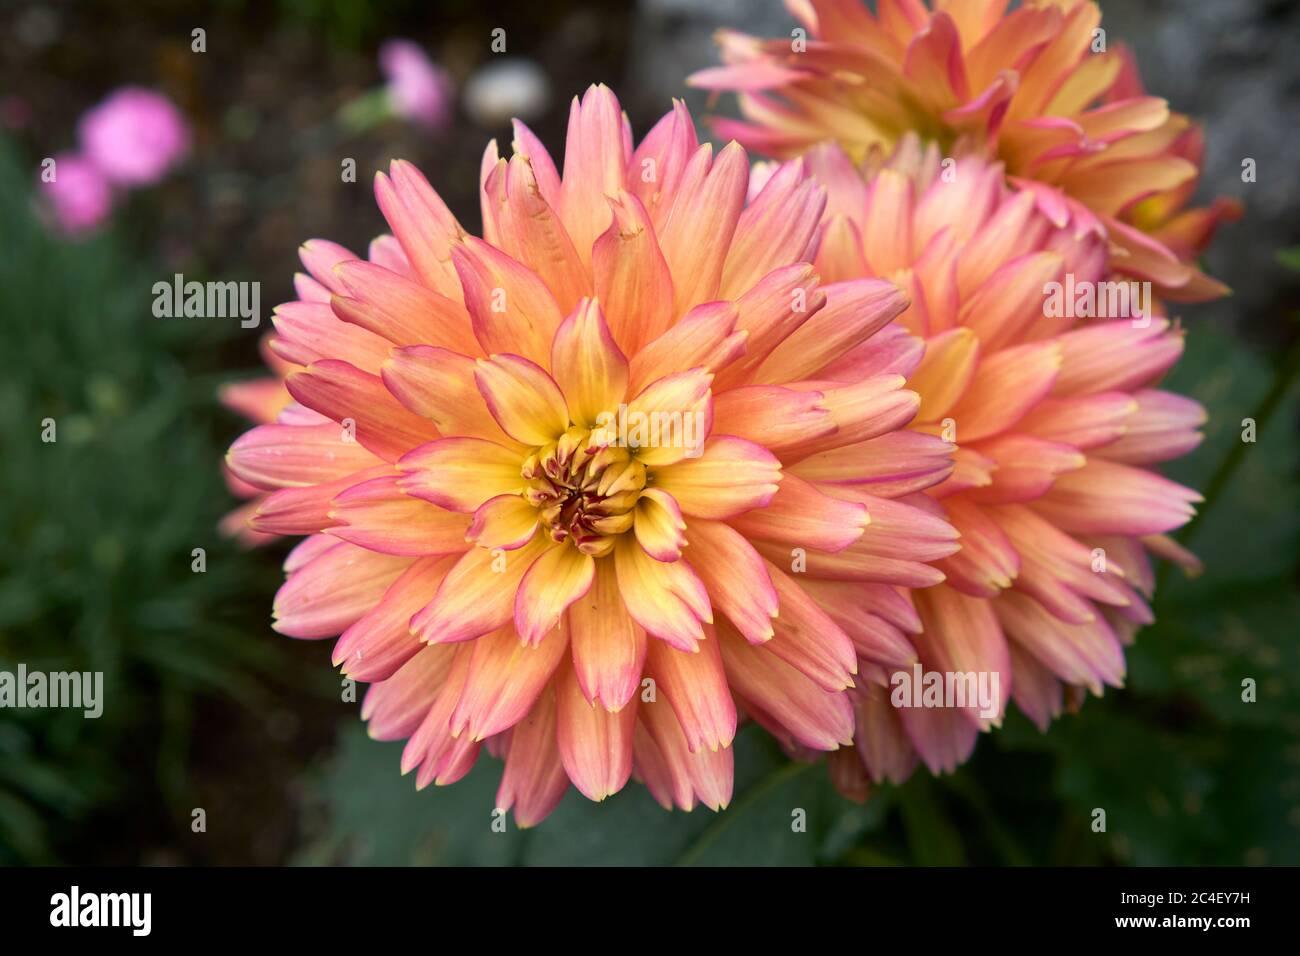 unkown-flower-2C4EY7H.jpg